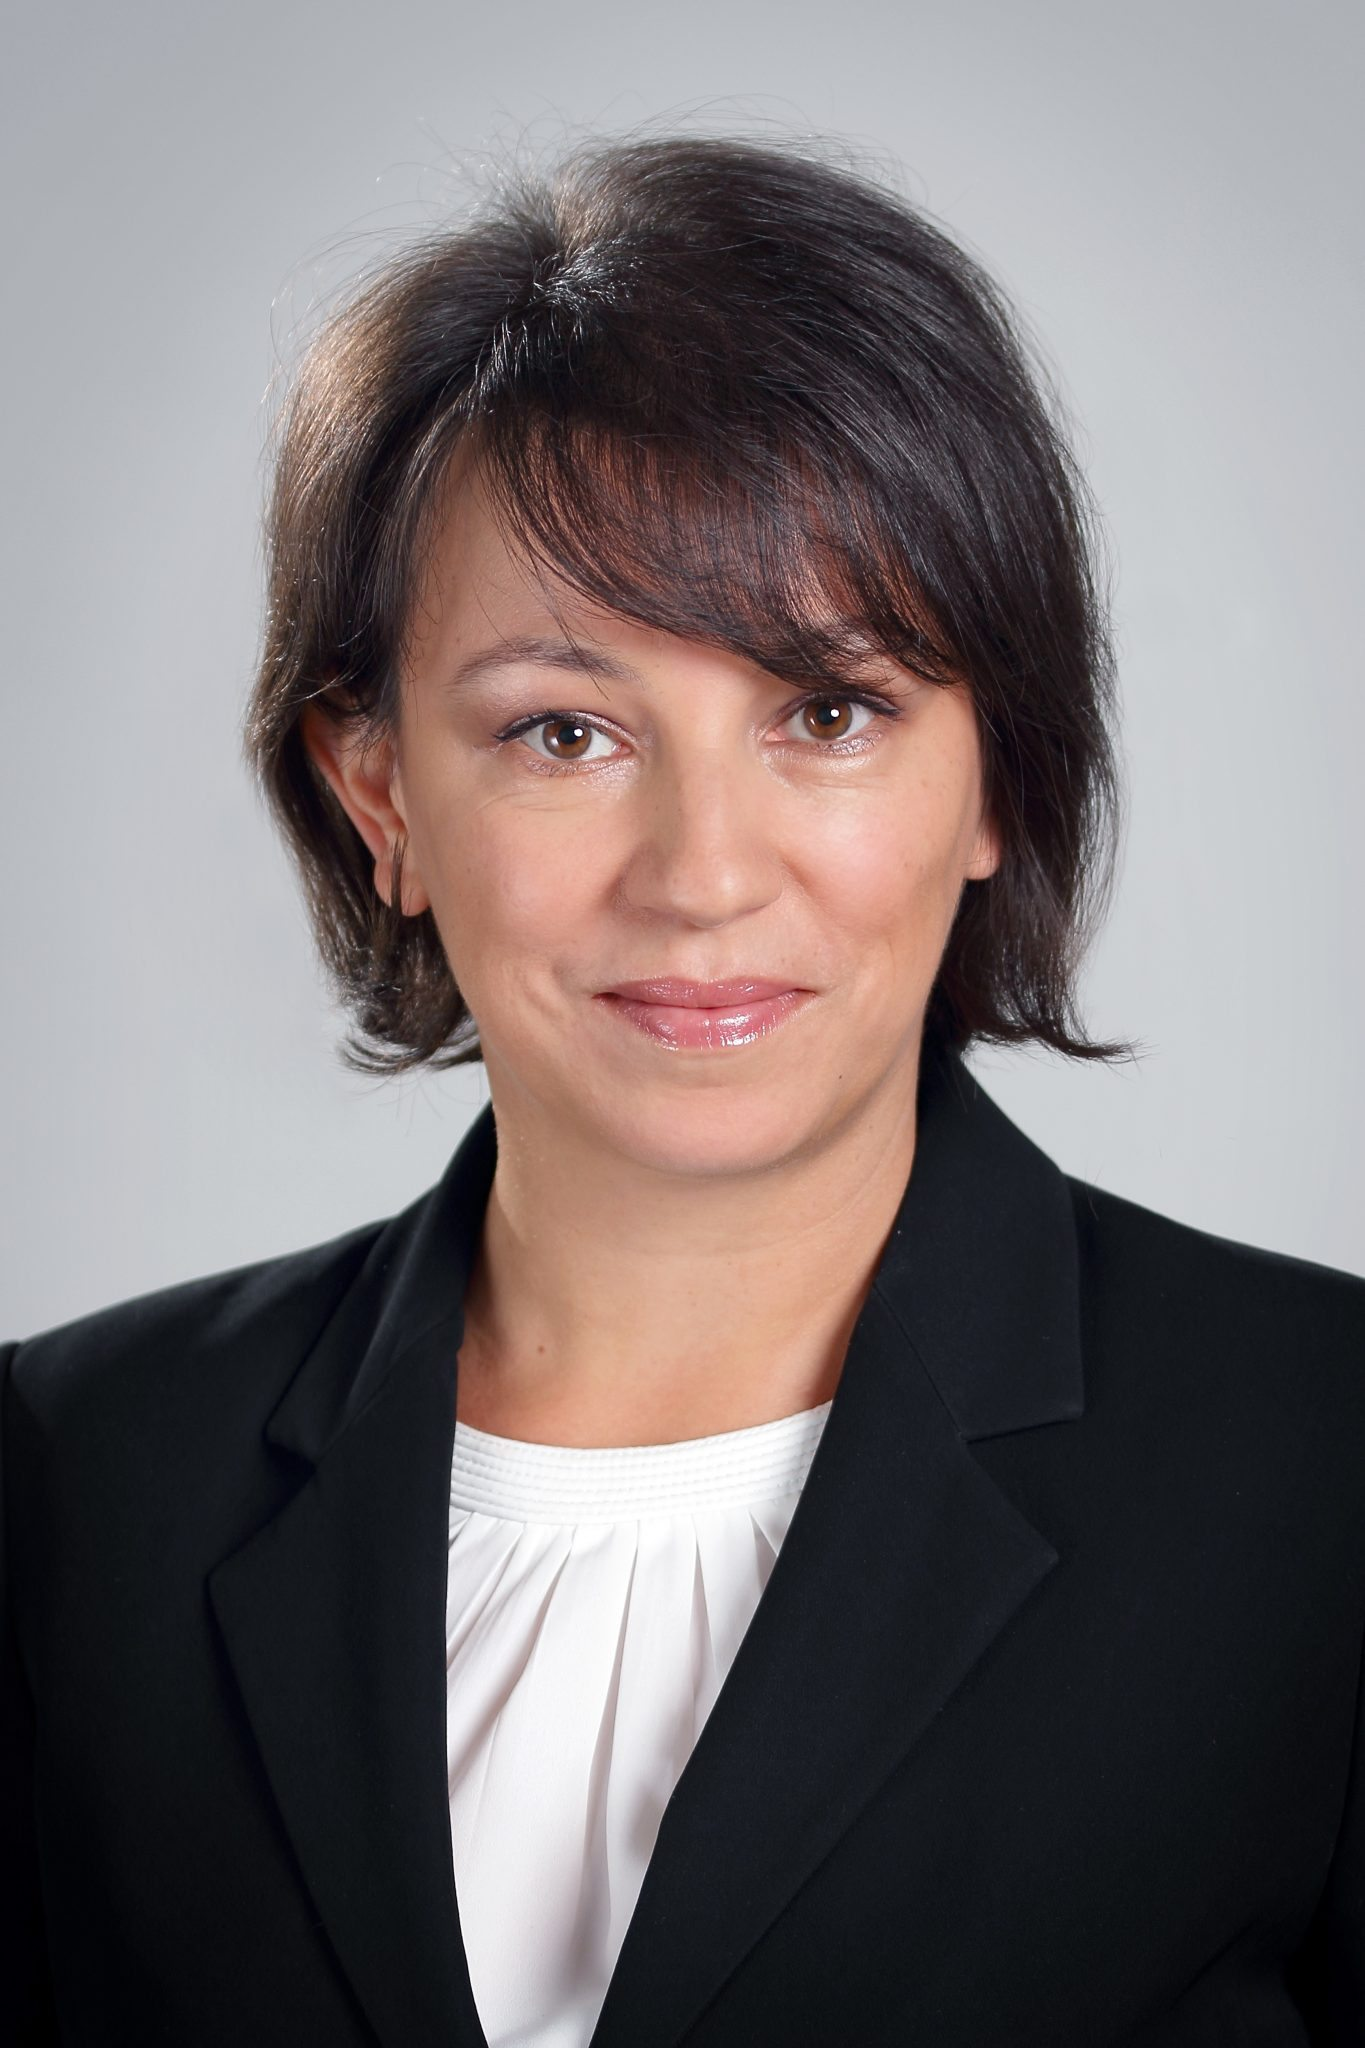 Lőrincz Zsuzsanna